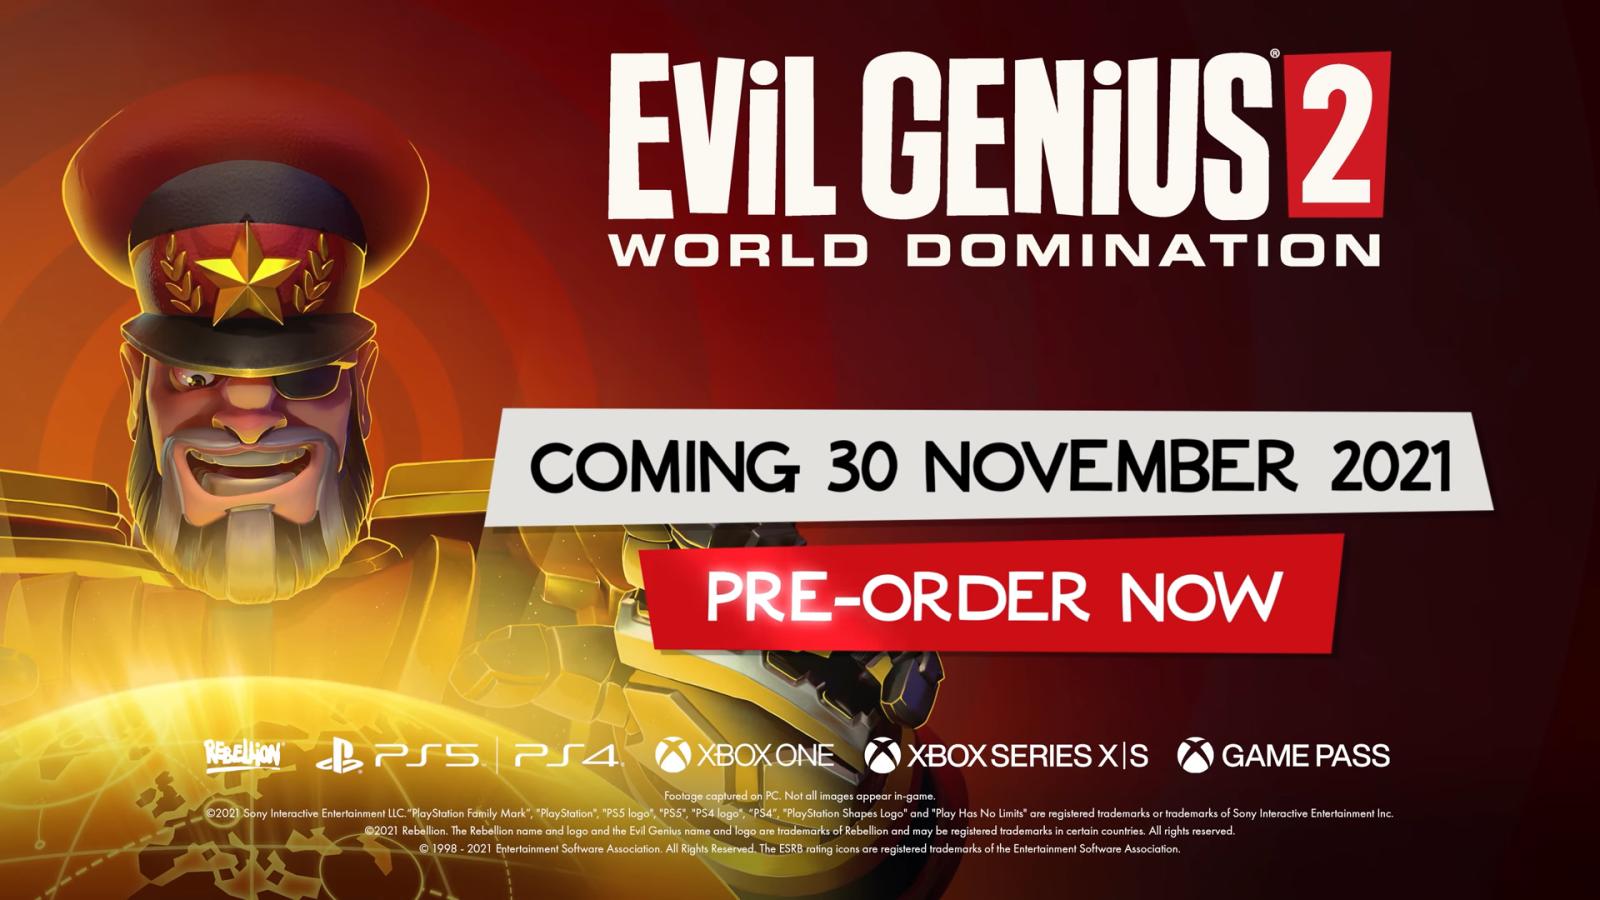 《邪恶天才 2》将于11月30日推出主机版,并登陆XGP畅玩阵容